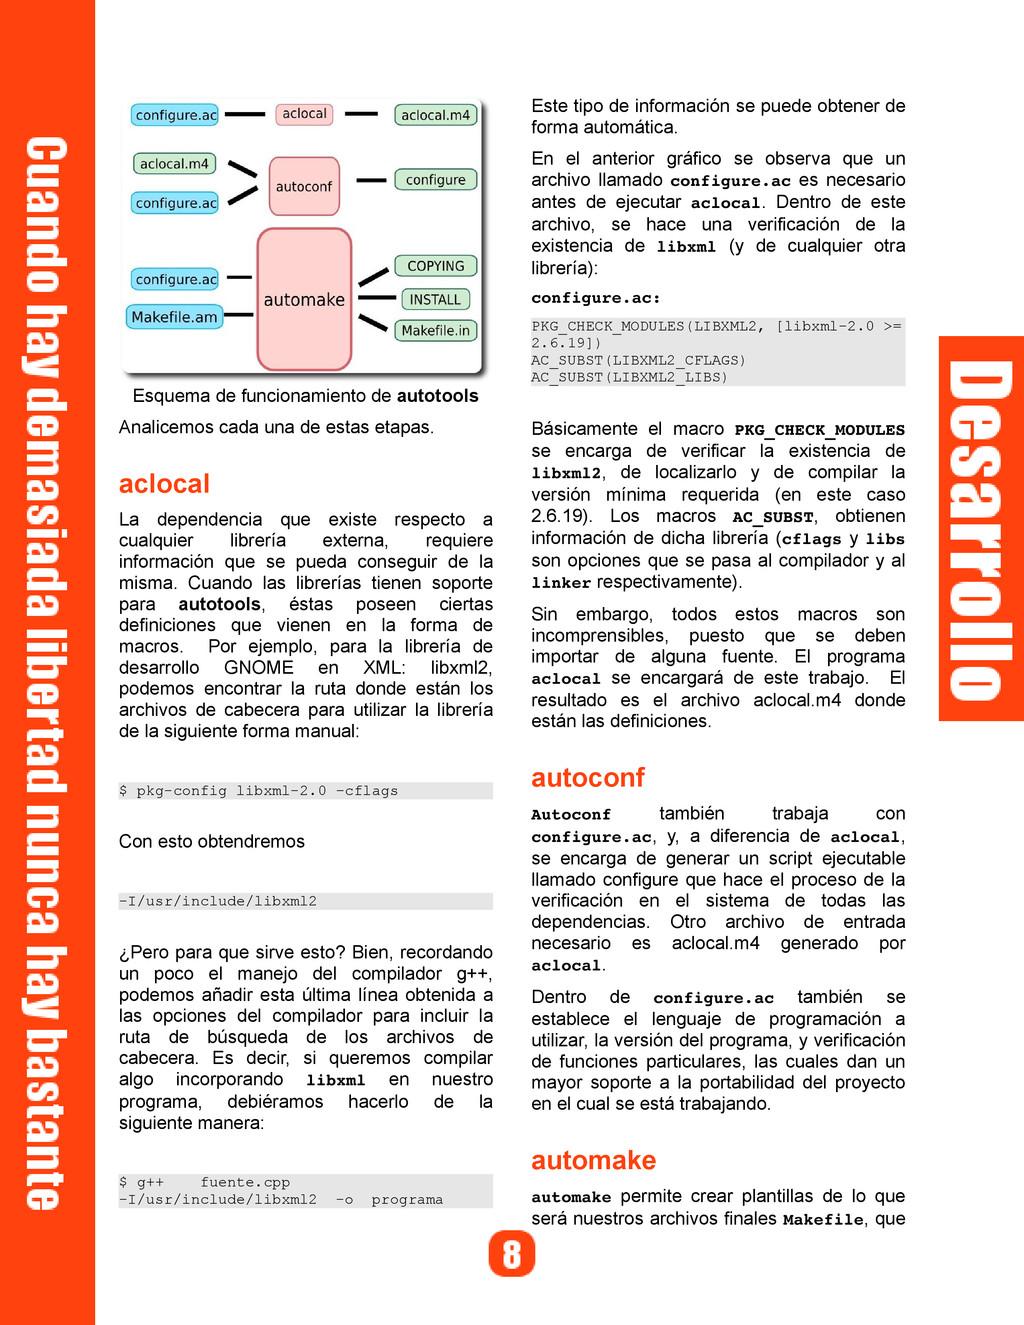 Esquema de funcionamiento de autotools Analicem...